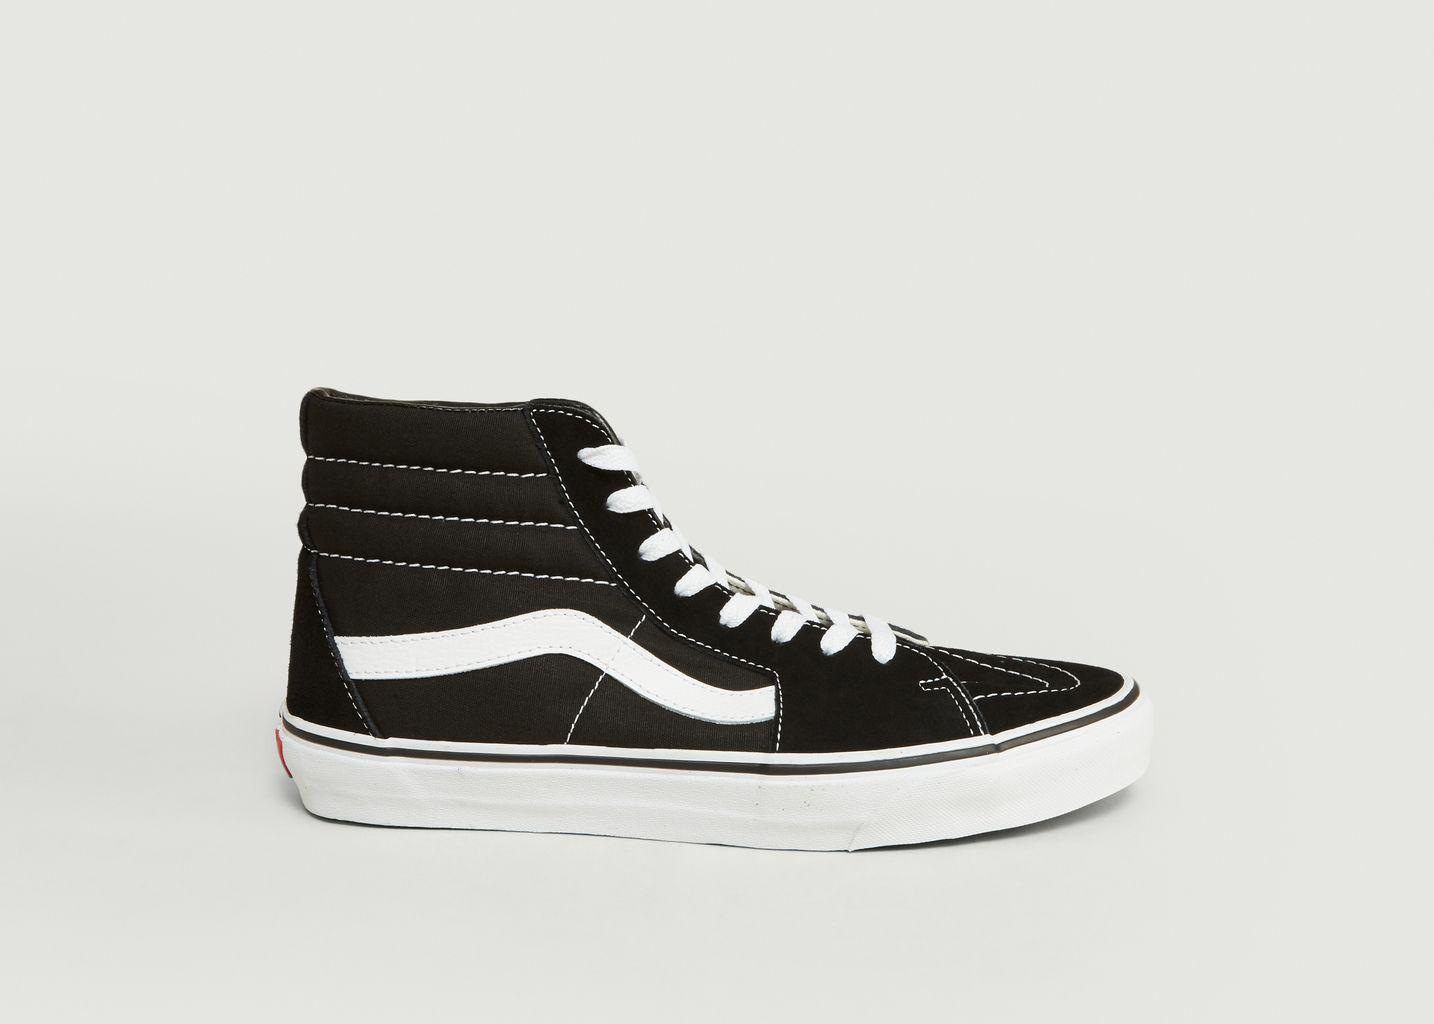 Vans Sk8 Hi Sneakers In Black VD5IB8C